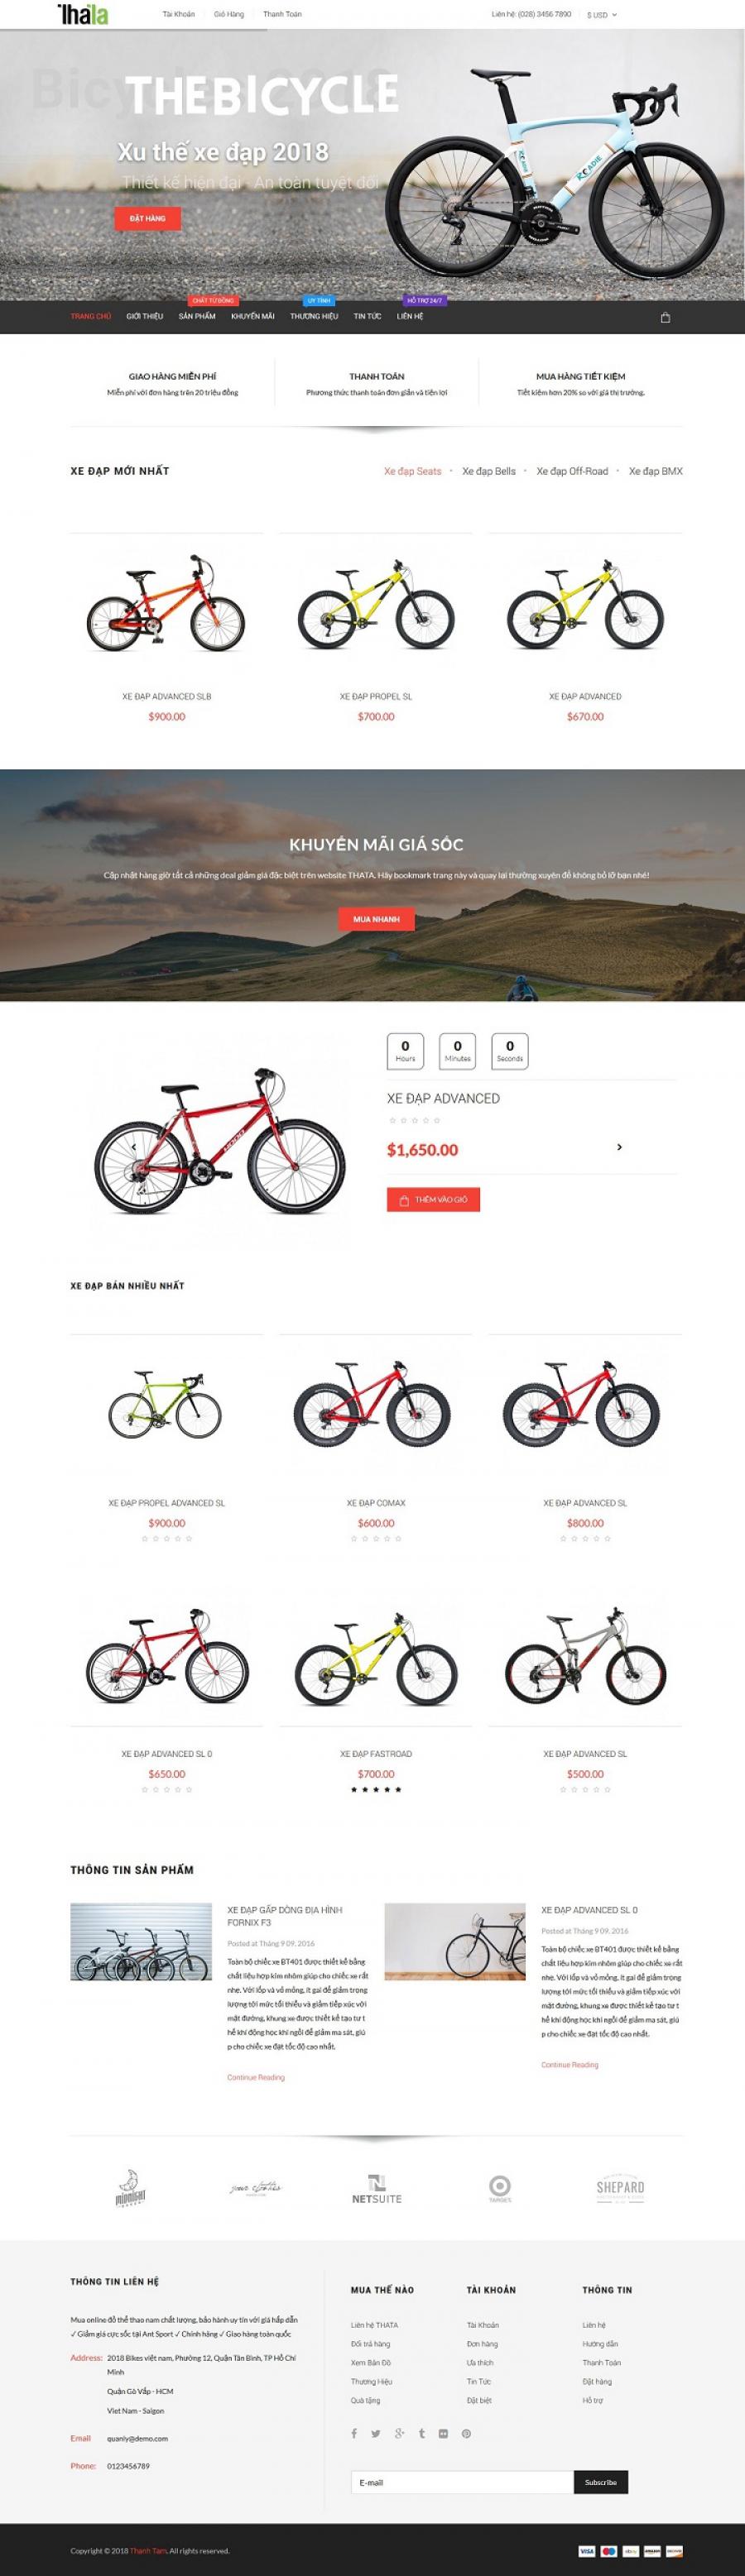 Bike Thata